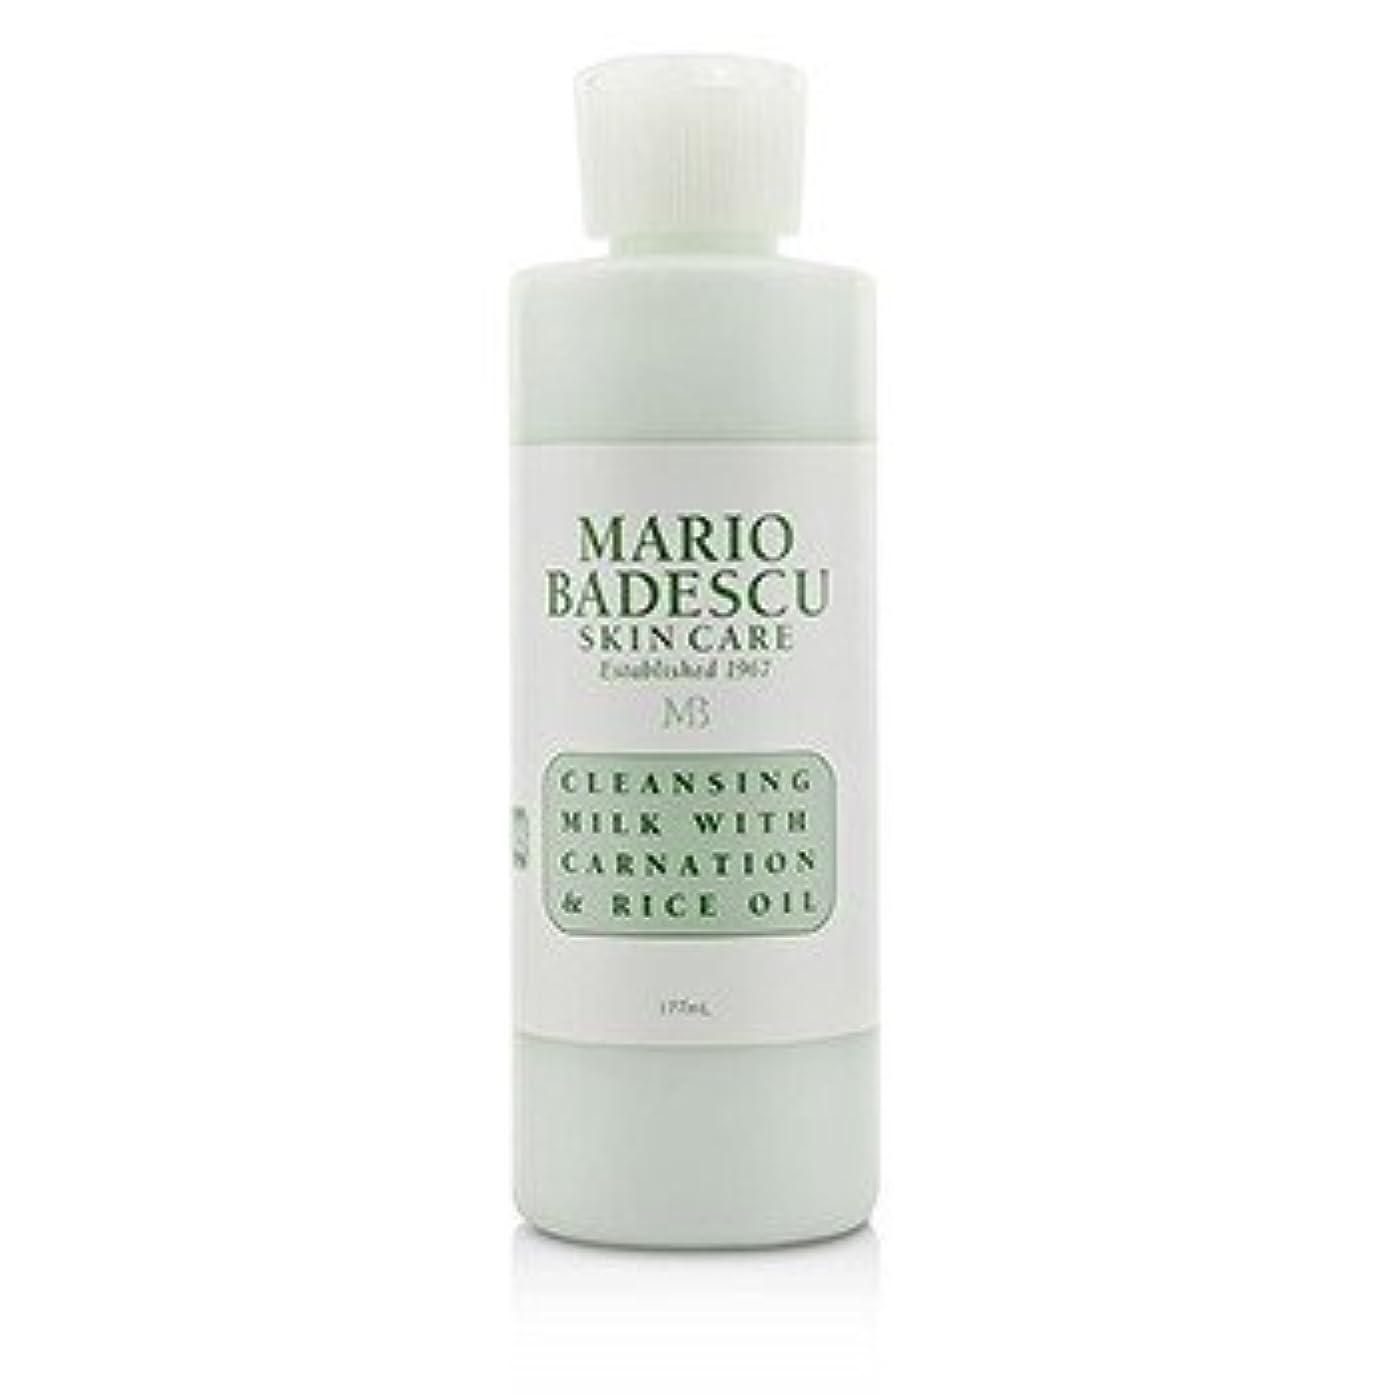 配管工手荷物ジャズ[Mario Badescu] Cleansing Milk With Carnation & Rice Oil - For Dry/ Sensitive Skin Types 177ml/6oz